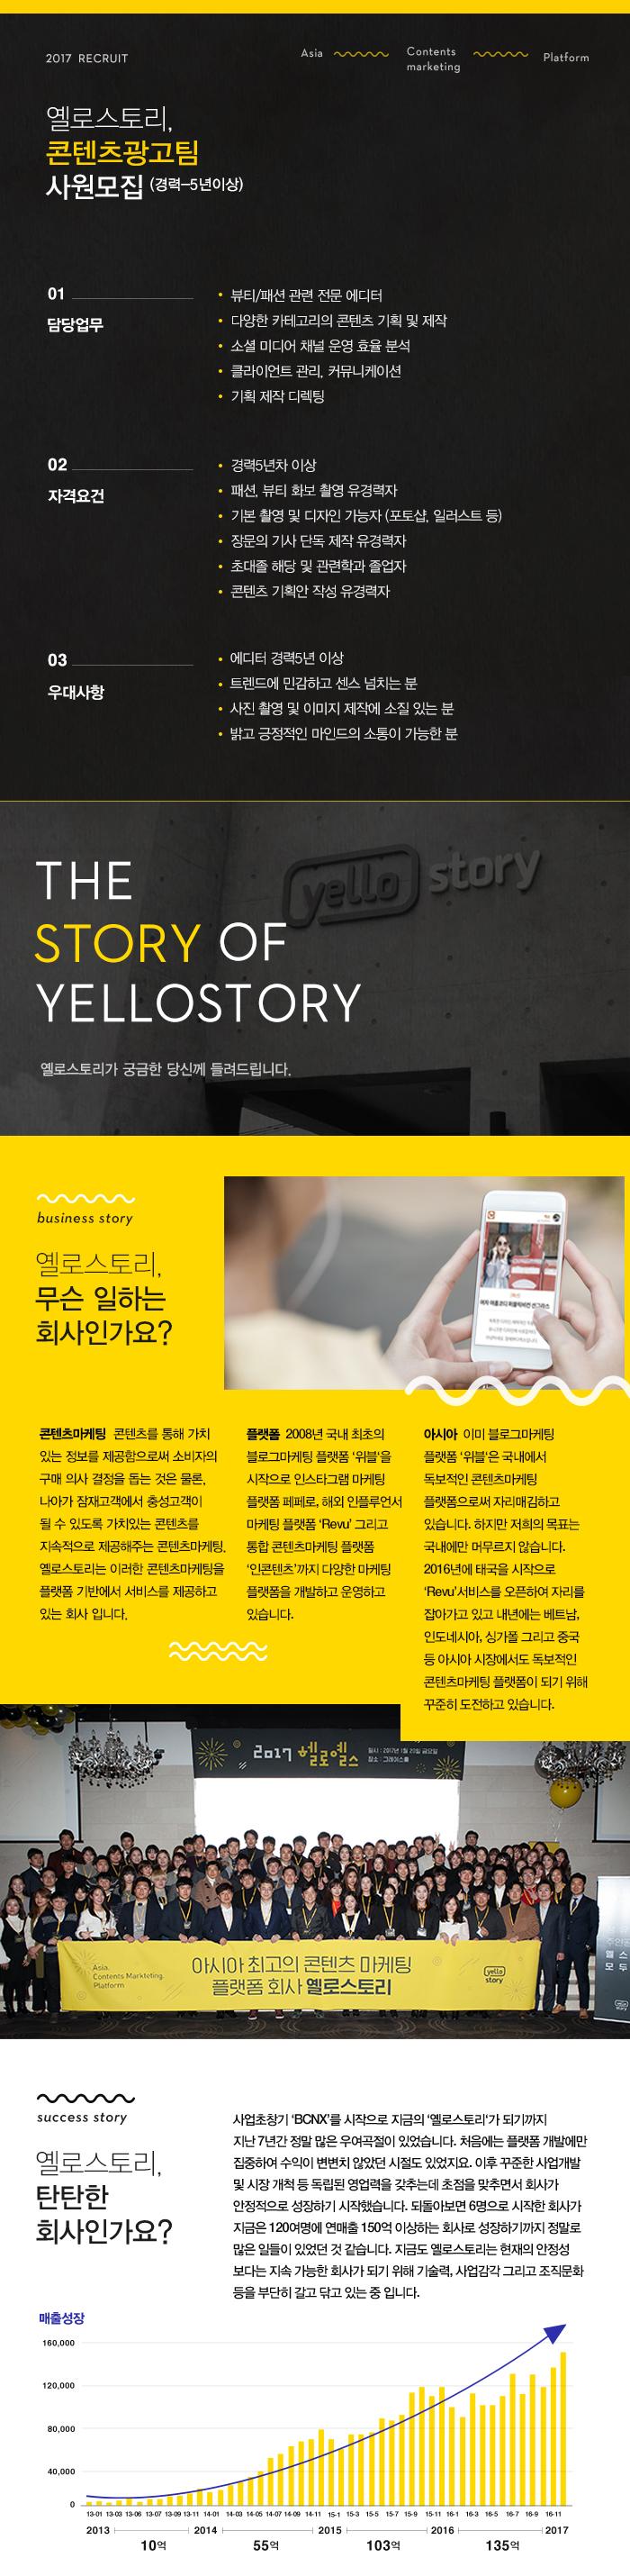 ㈜옐로스토리 콘텐츠광고팀 에디터 모집(경력 5년이상)